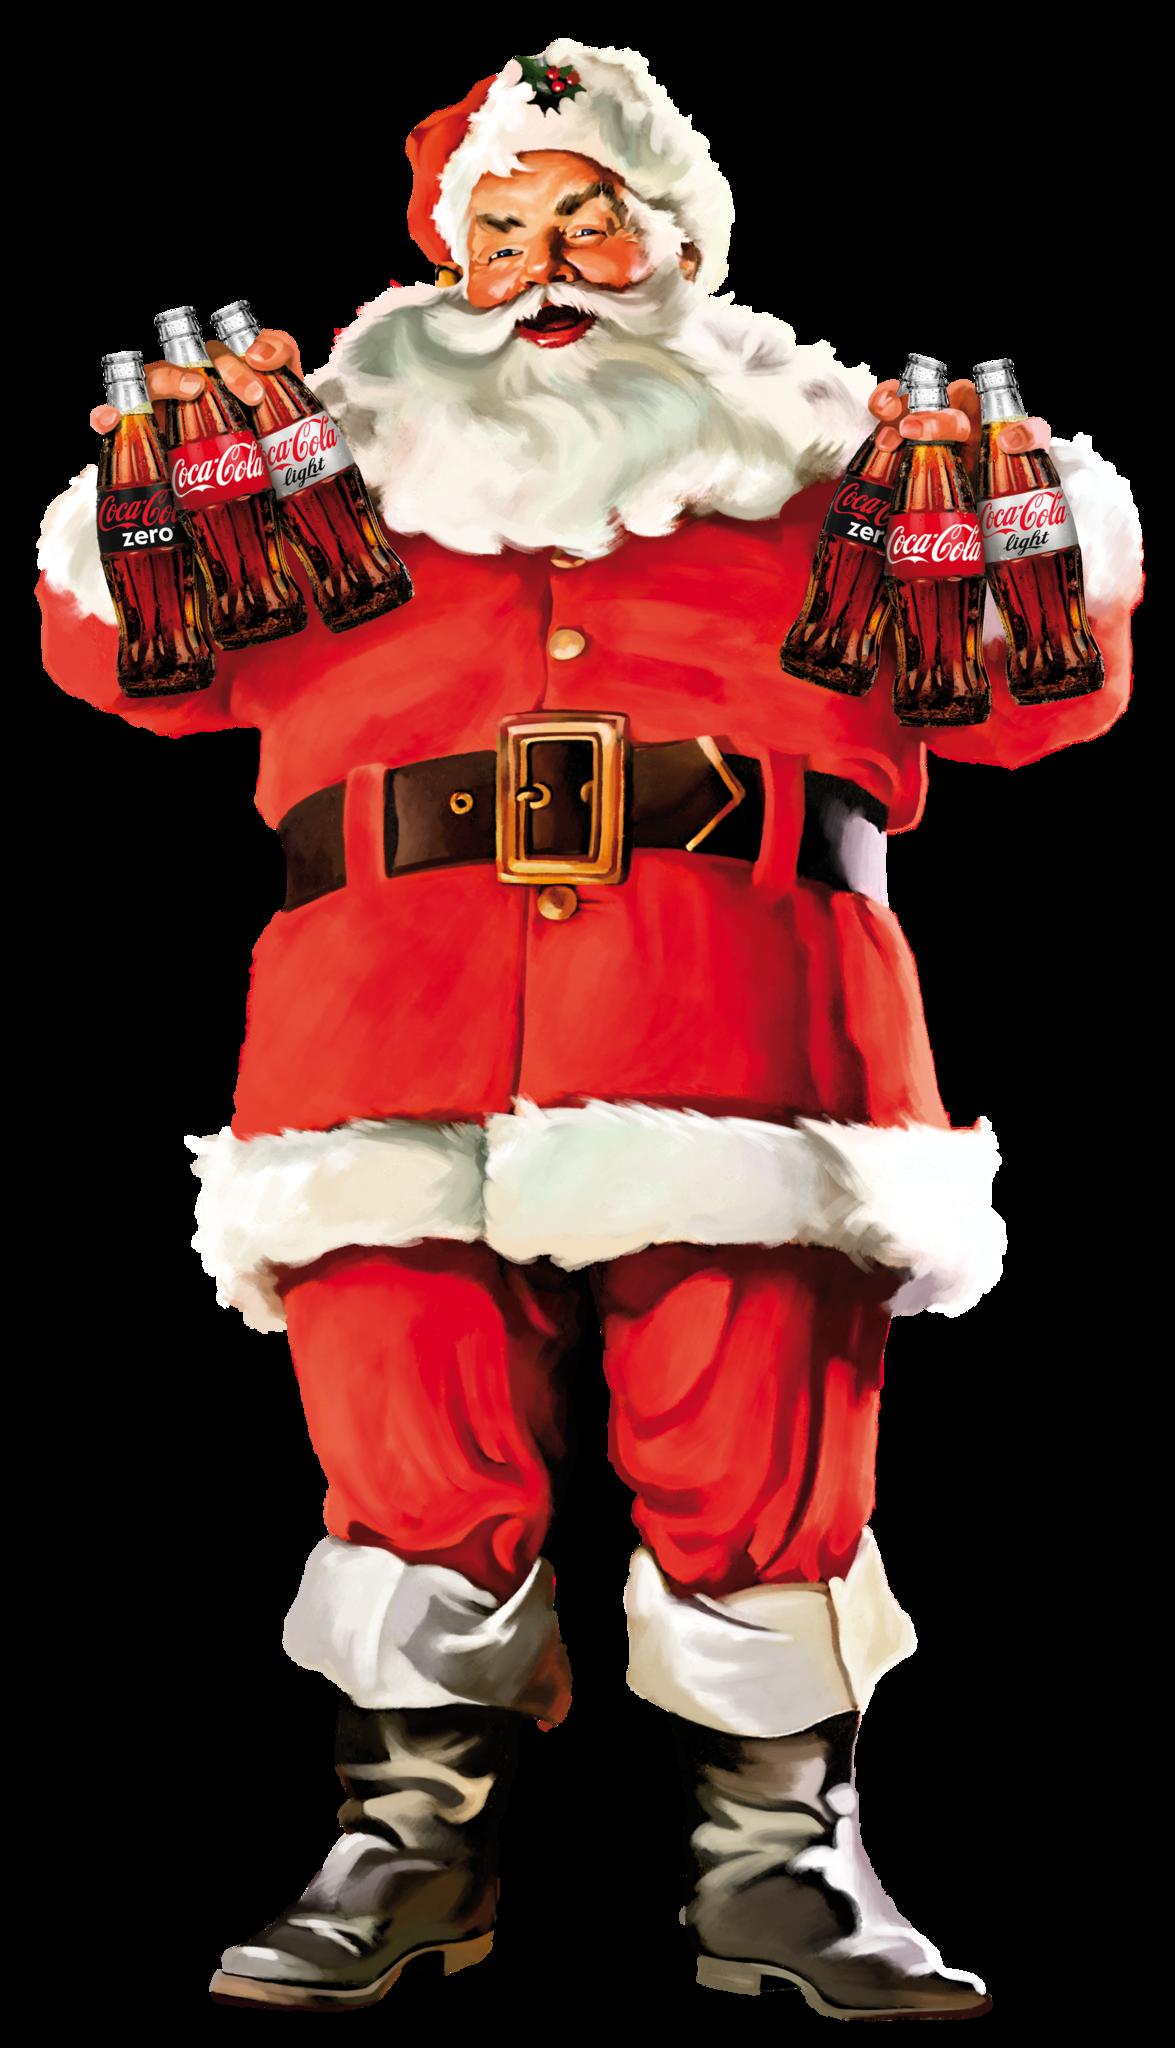 Père Noel Coca Cola 2013 la Tournée de Noël Coca-cola